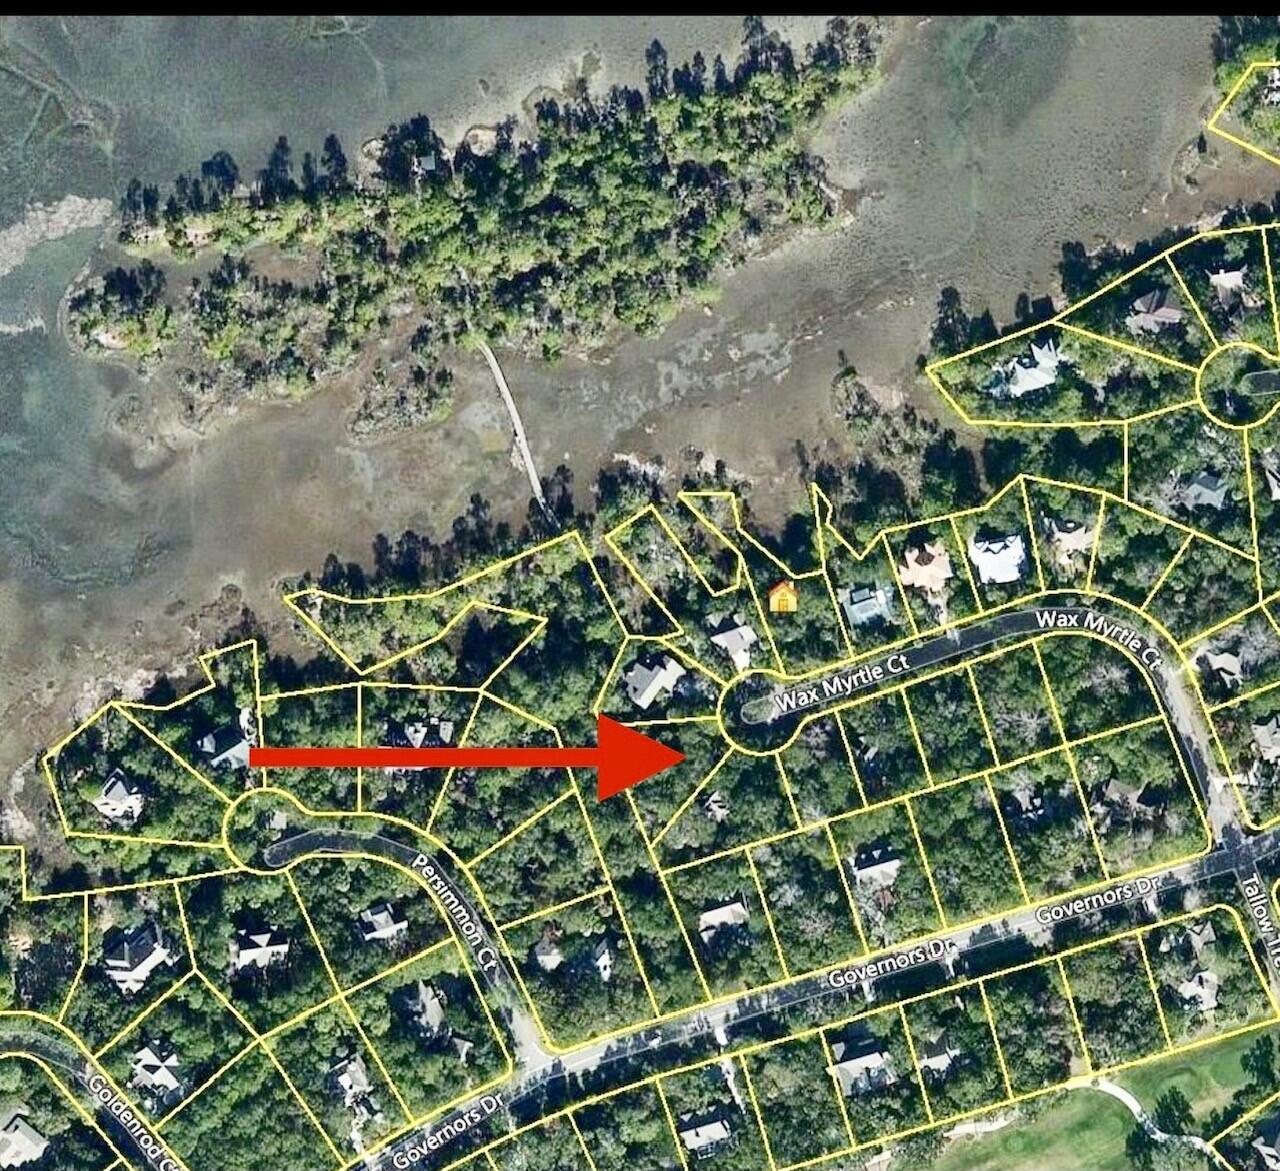 84 Wax Myrtle Court Kiawah Island, SC 29455